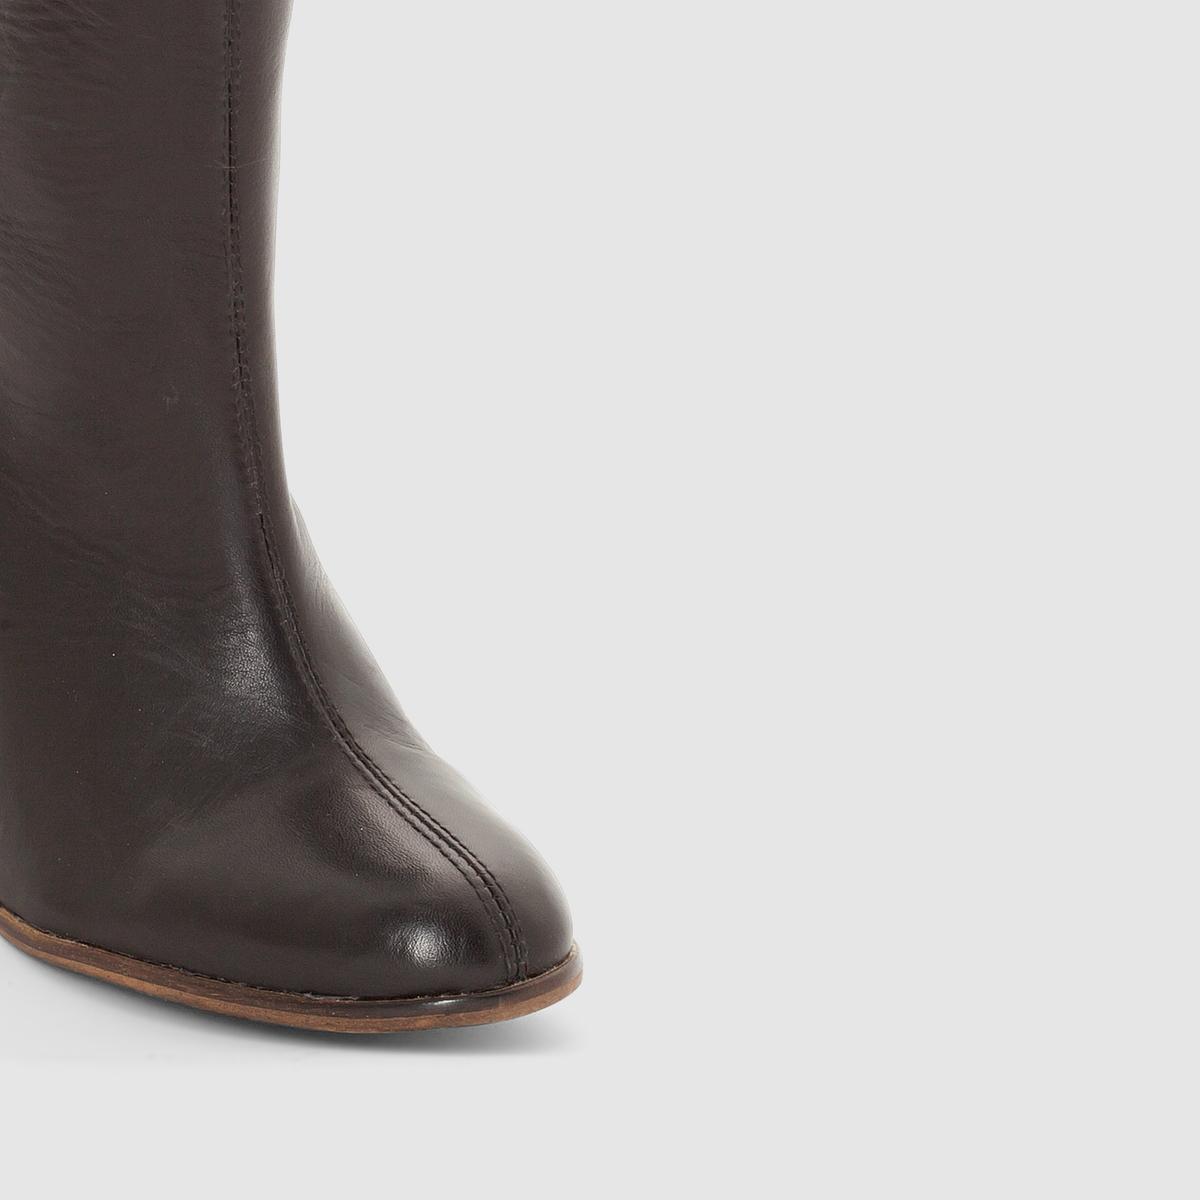 Сапоги из кожи на каблуке DailysticПодкладка : Спилок кожи    Стелька : Спилок кожи    Подошва : Neolite   Высота каблука : Высокий (от 7 до 9 см)    Высота голенища : 18 см.   Застежка : Без застежки<br><br>Цвет: черный<br>Размер: 36